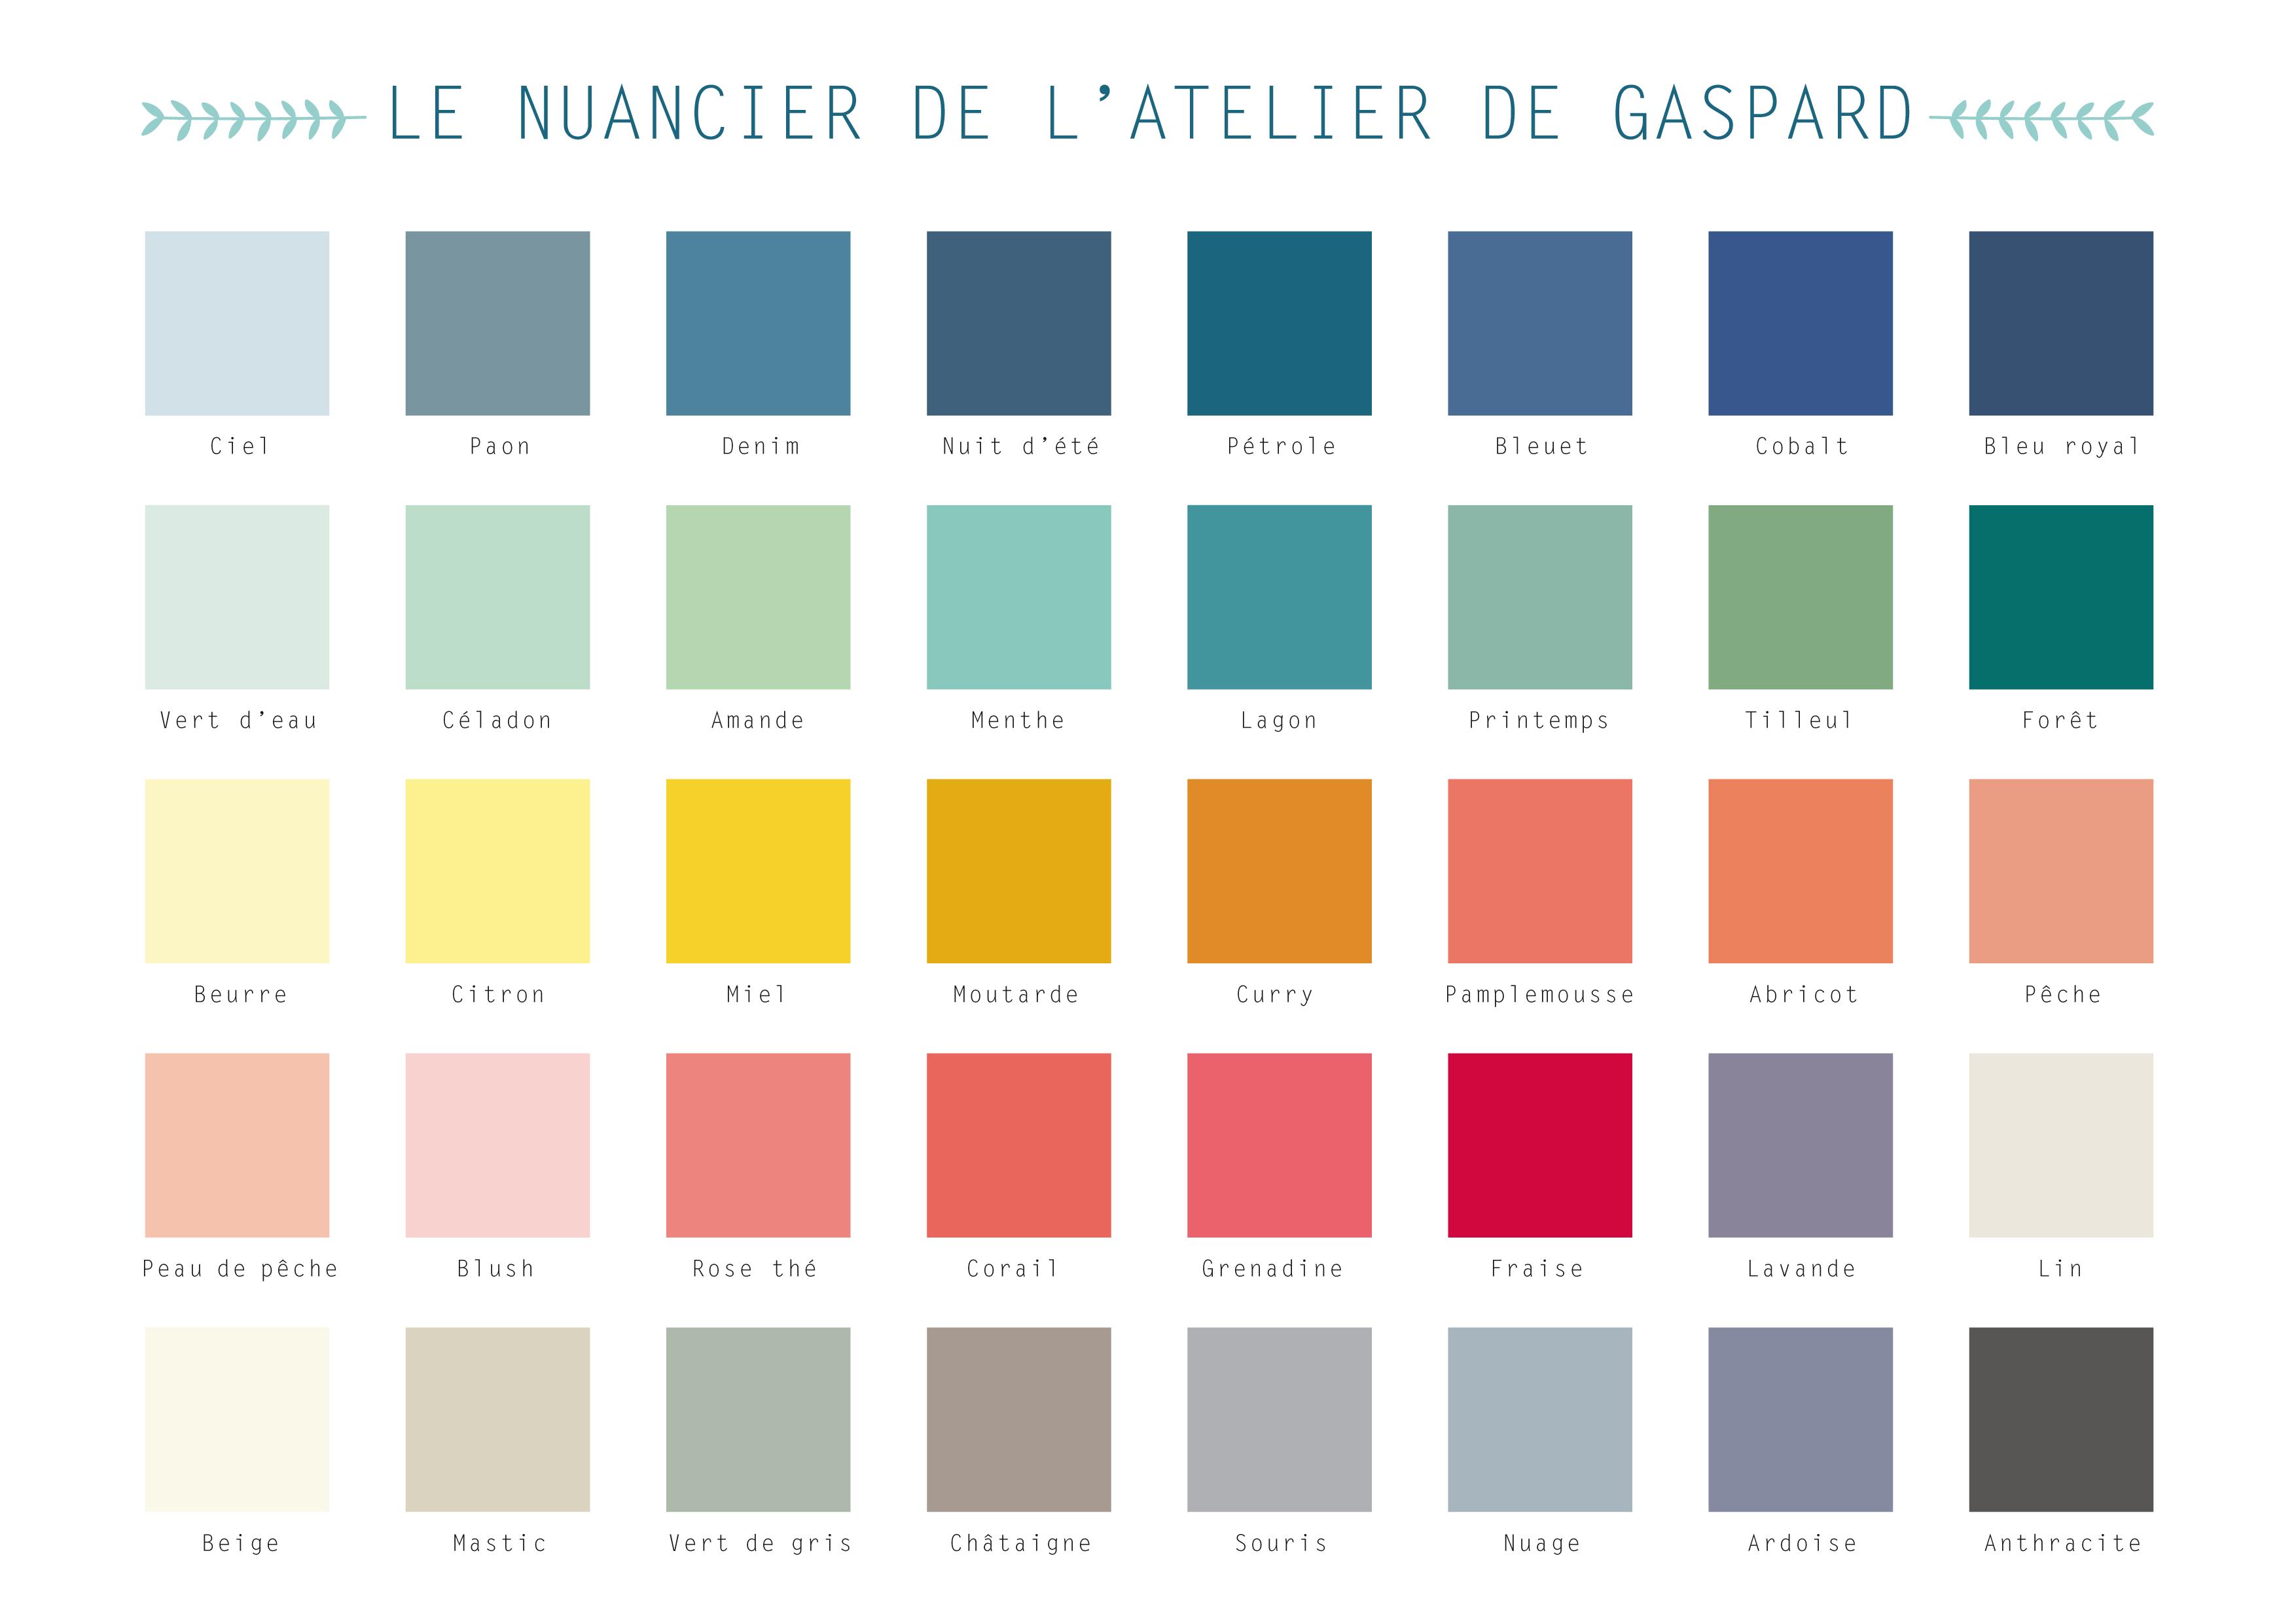 NUANCIER DE L'ATELIER DE GASPARD